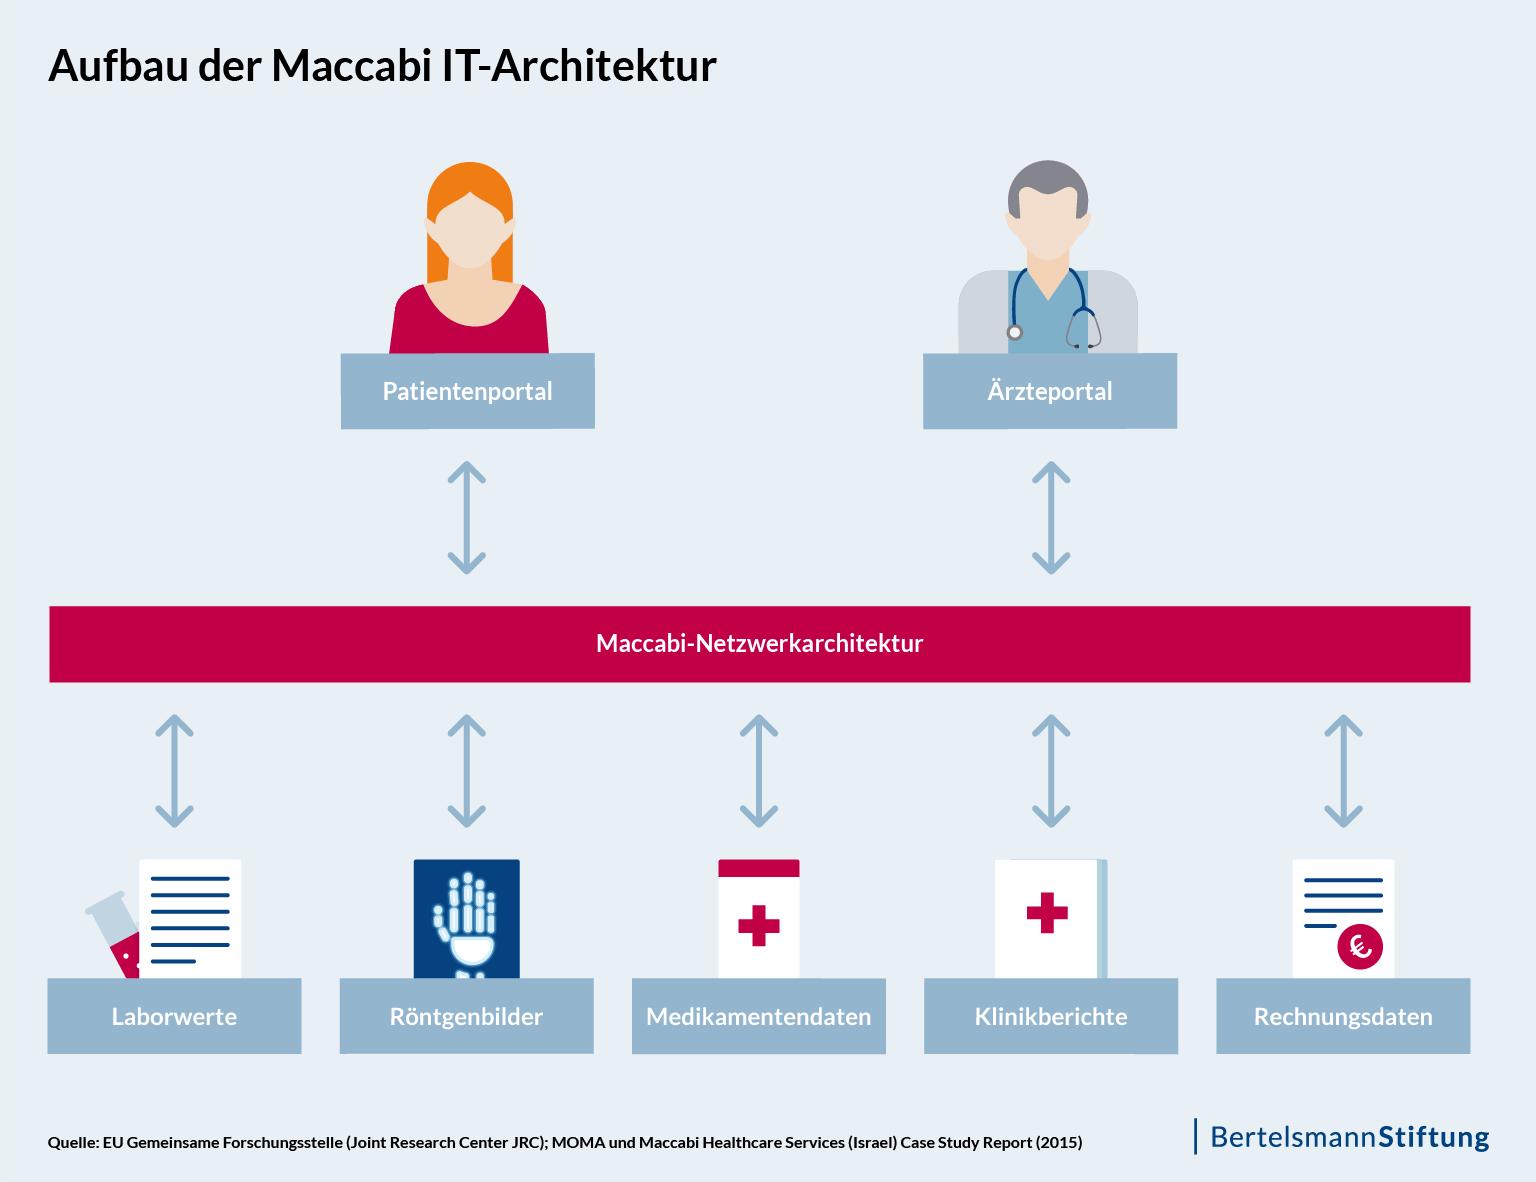 Aufbau der Maccabi IT-Architektur